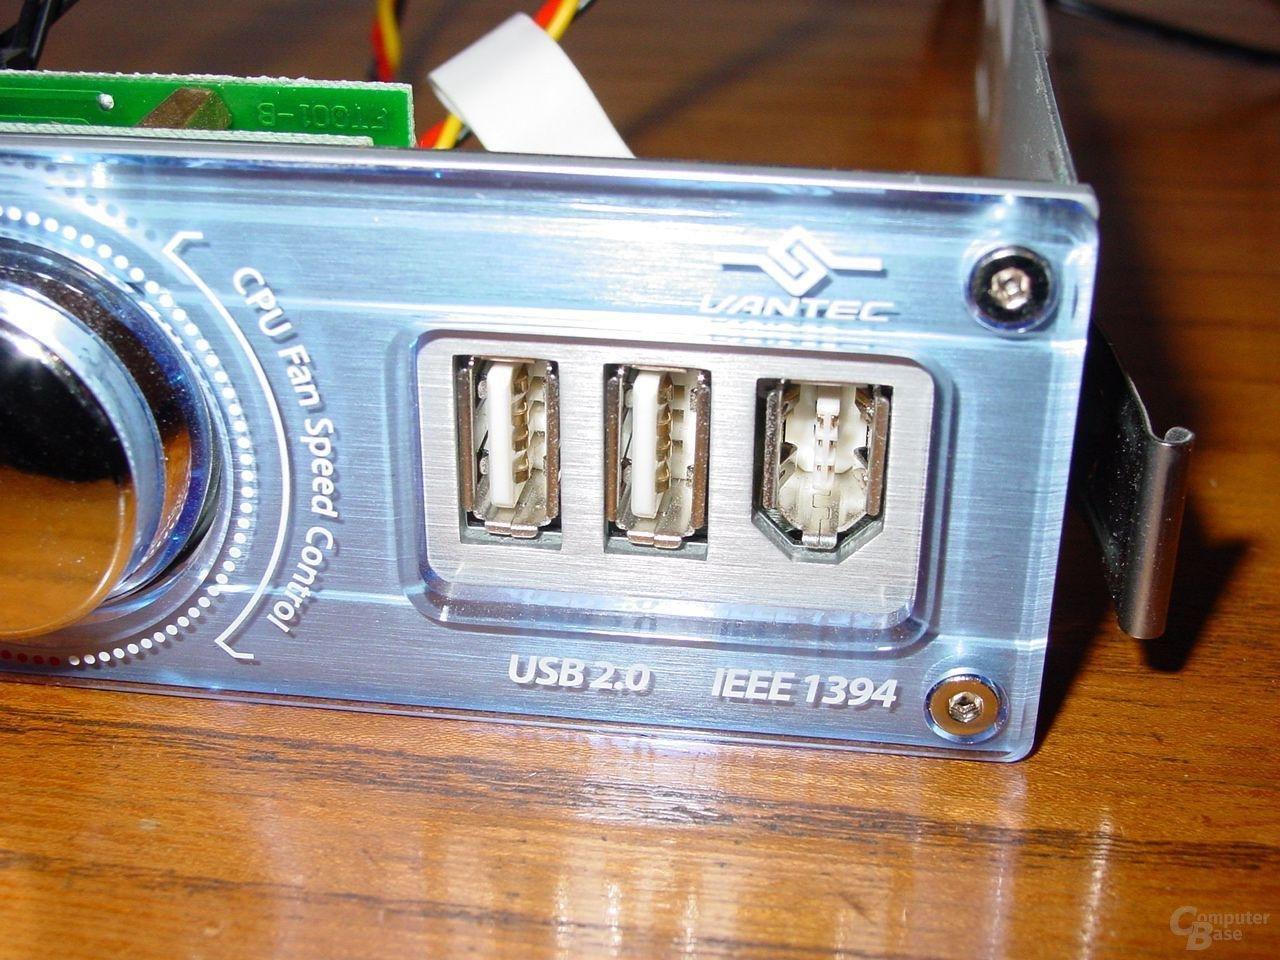 NXP-101 - USB/Firewire